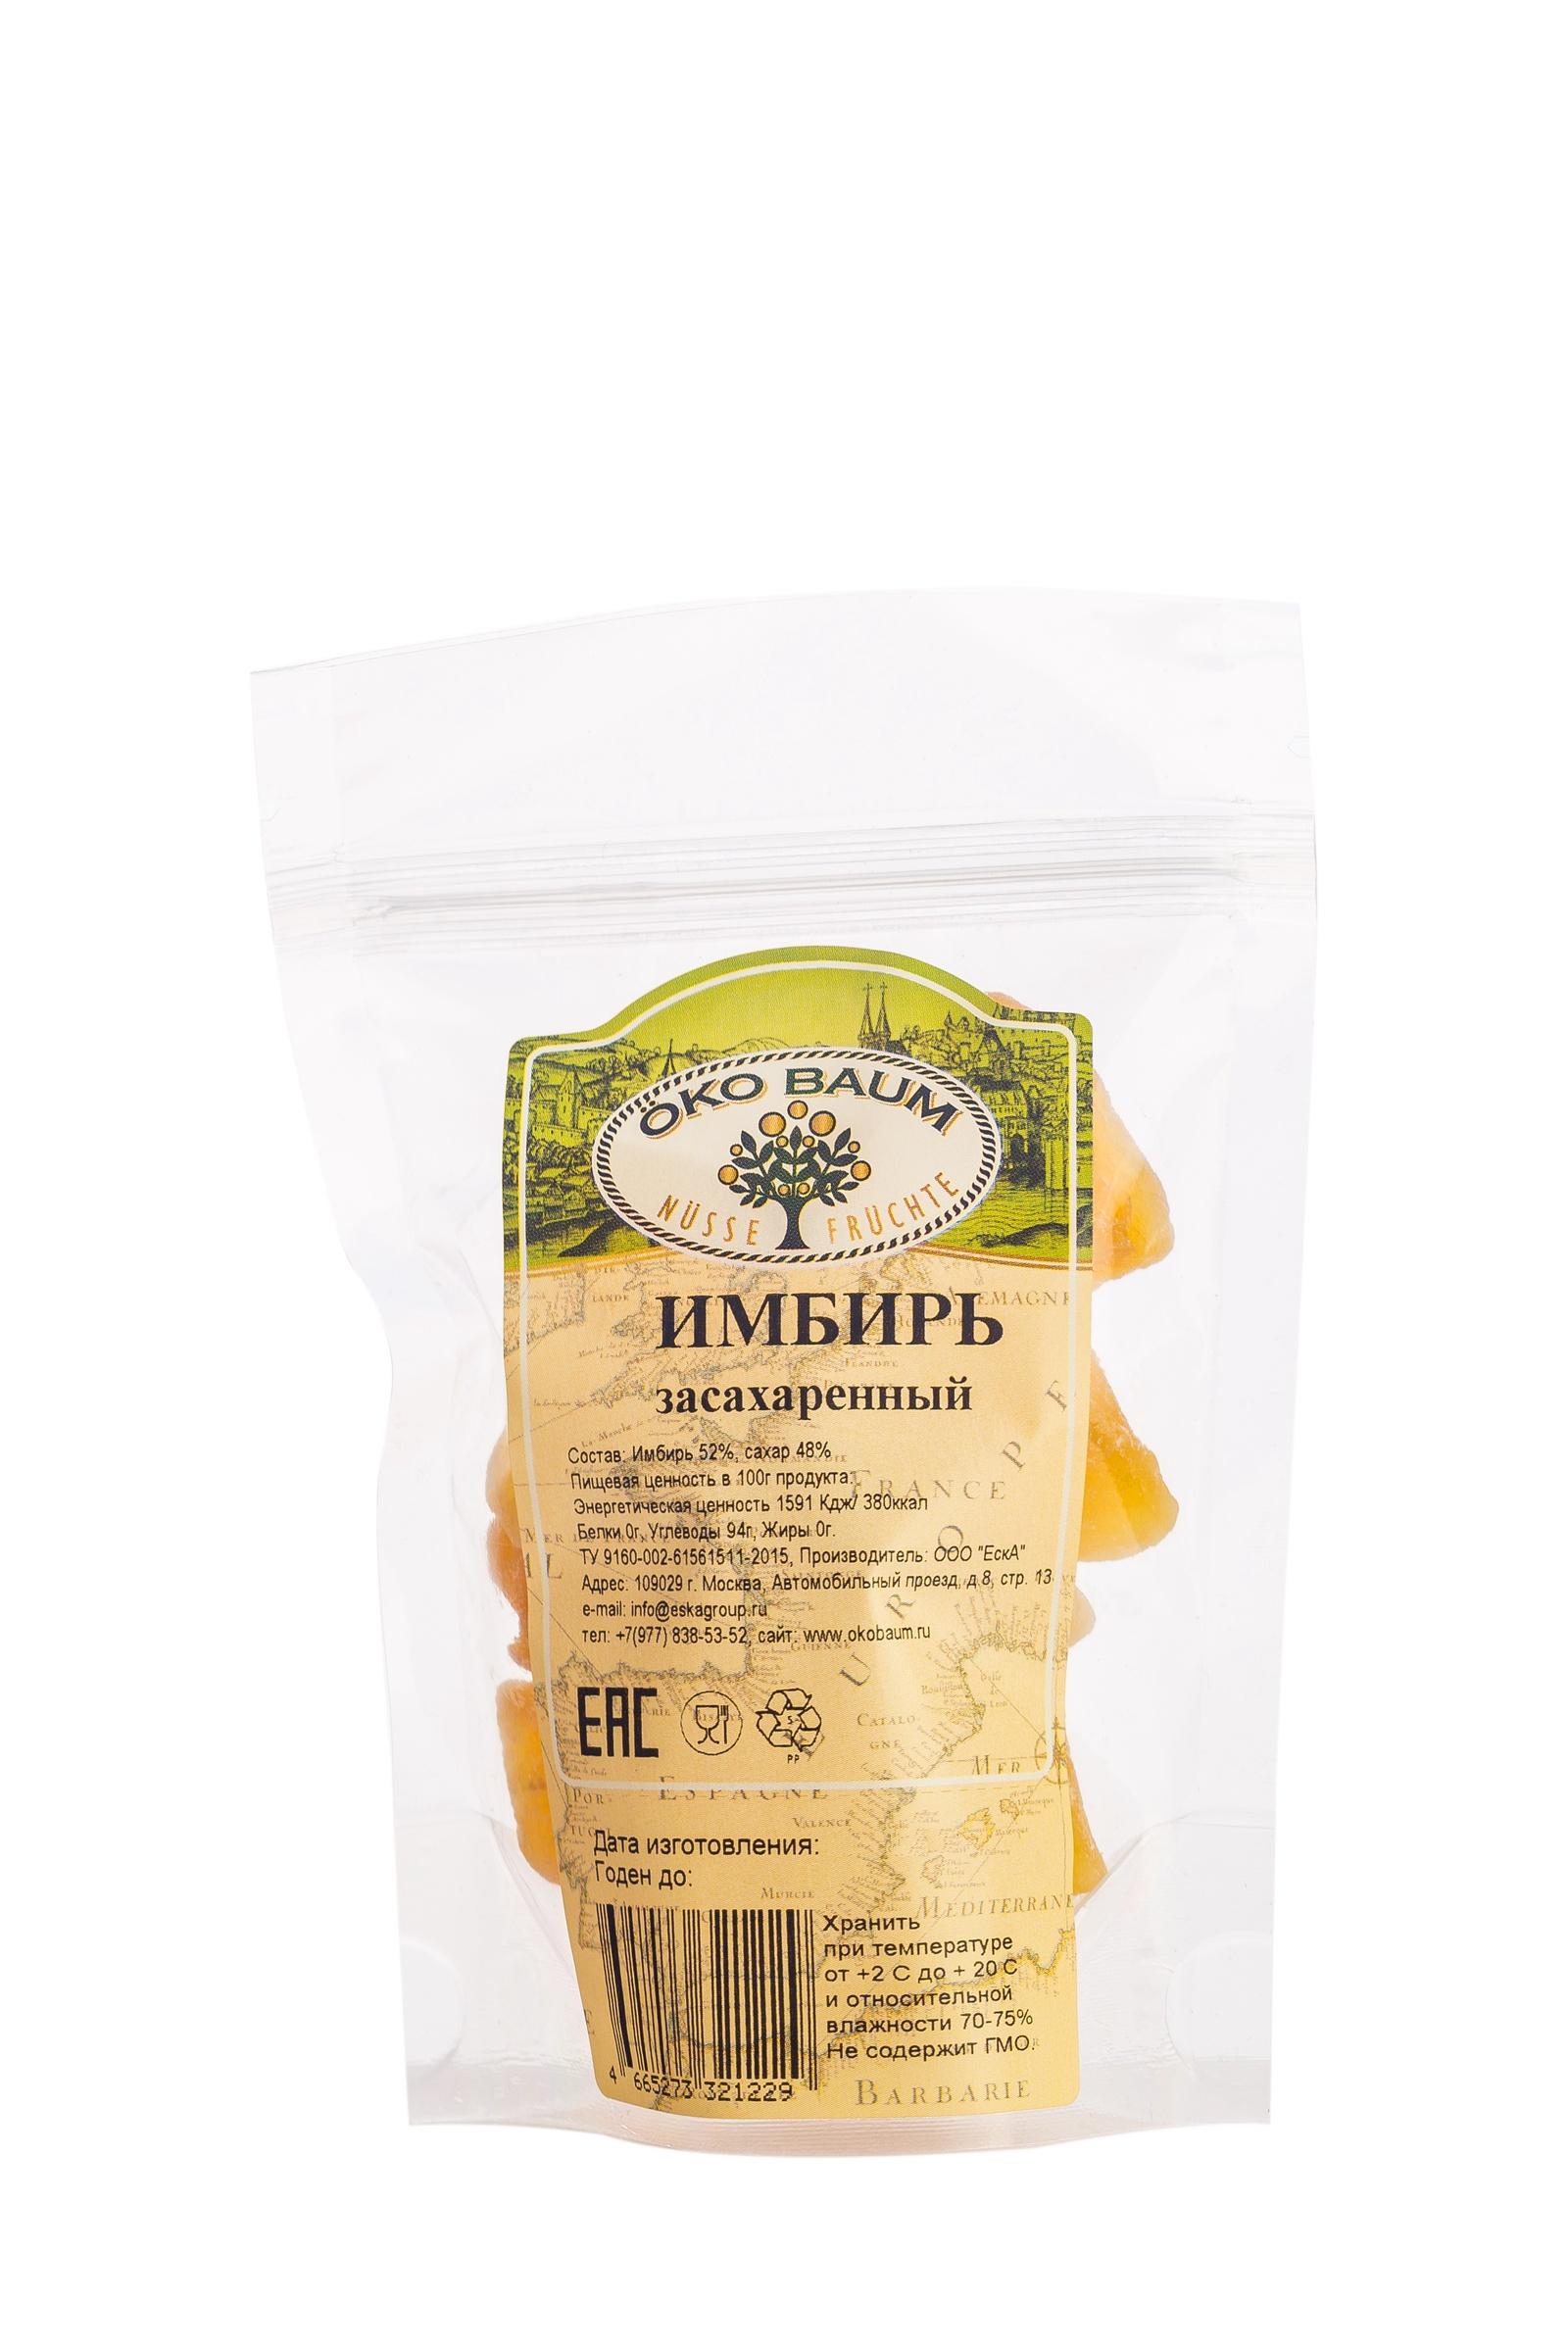 Сухофрукты Oko Baum Имбирь кусочками, засахаренный, необработанный (диоксидом серы), Имбирь, 100г имбирь для потенции рецепт